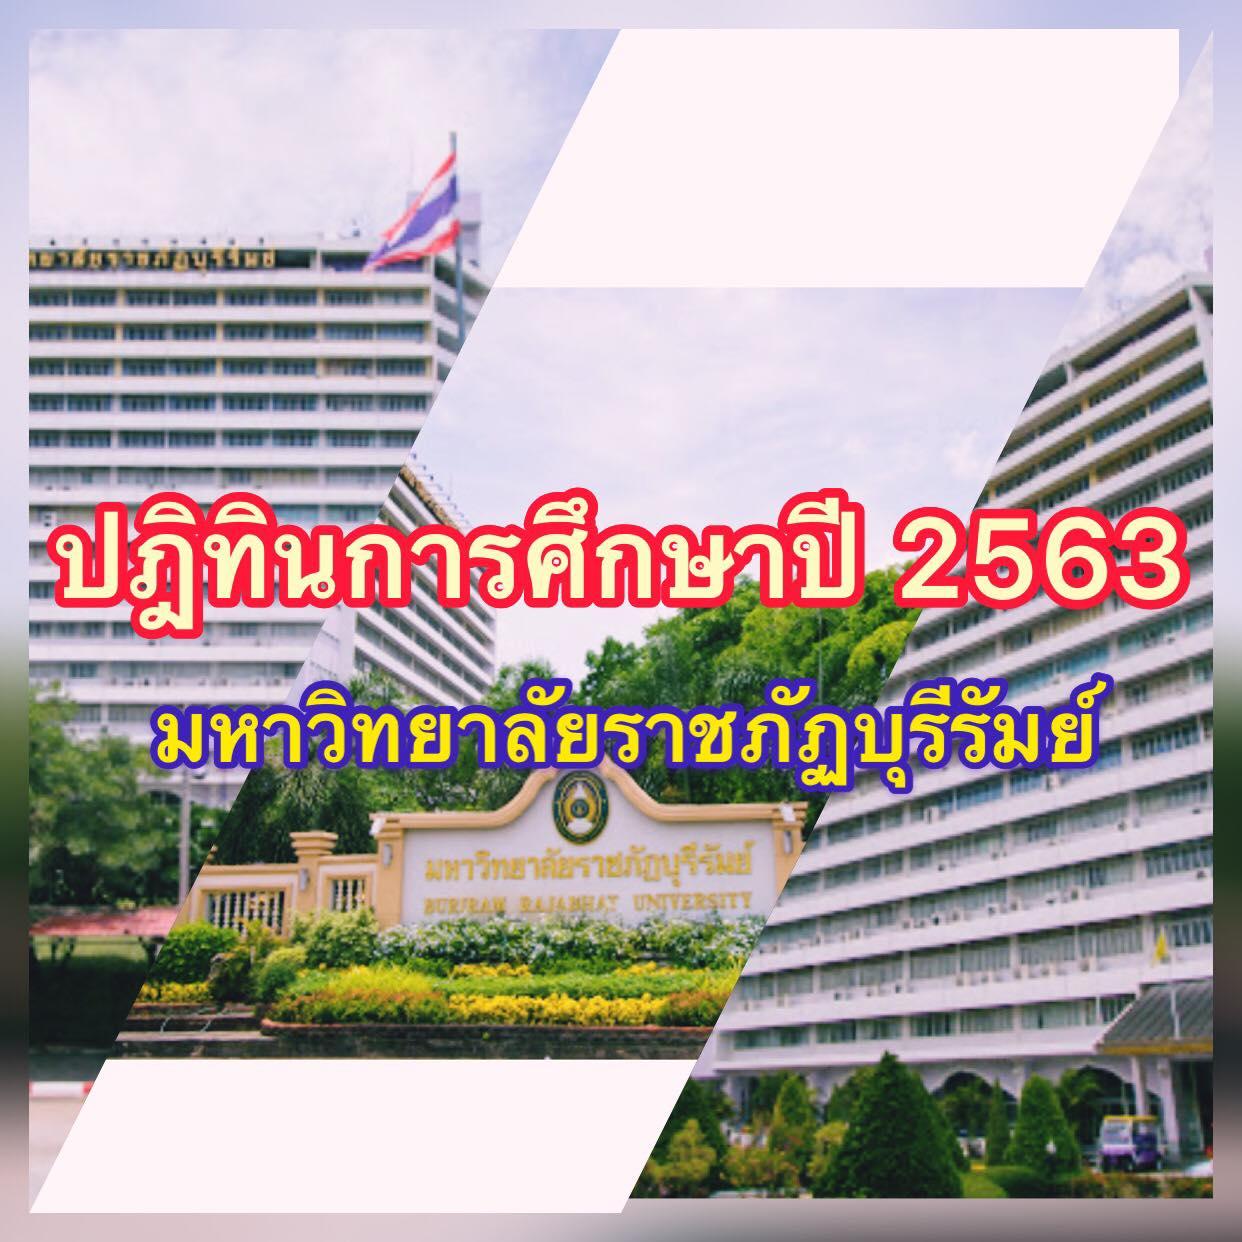 ปฏิทินการศึกษาปี 2563 มหาวิทยาลัยราชภัฏบุรีรัมย์